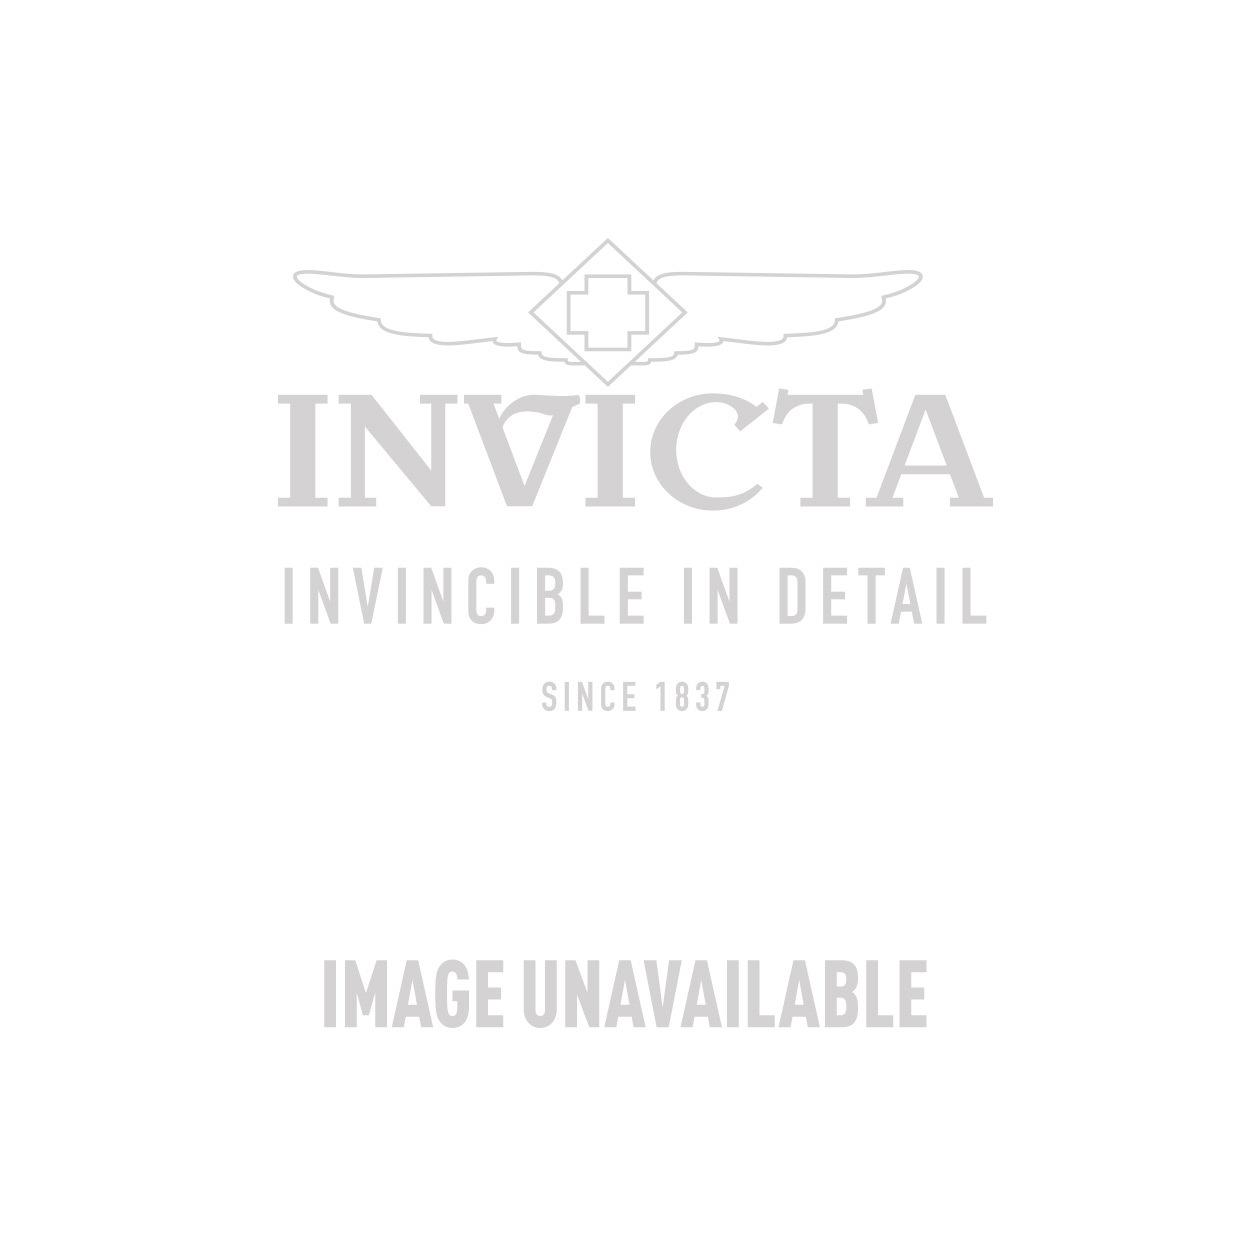 Invicta Model 23457